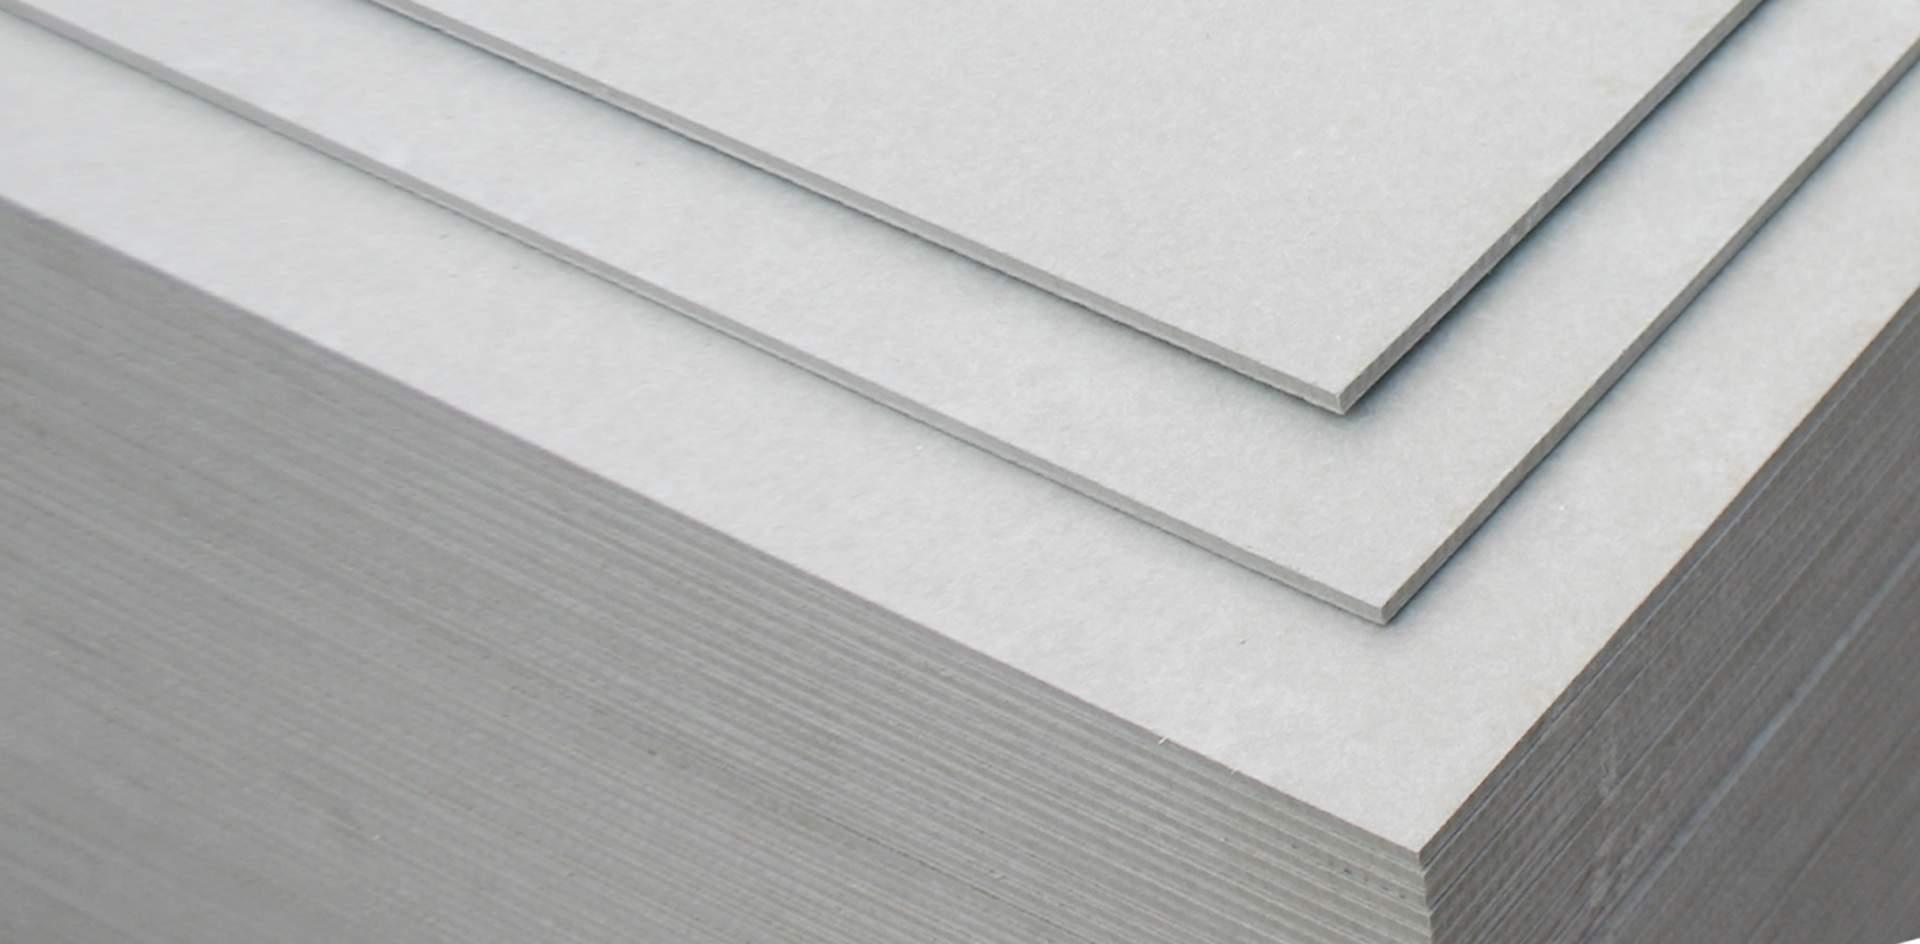 Tile Cement Backer Board